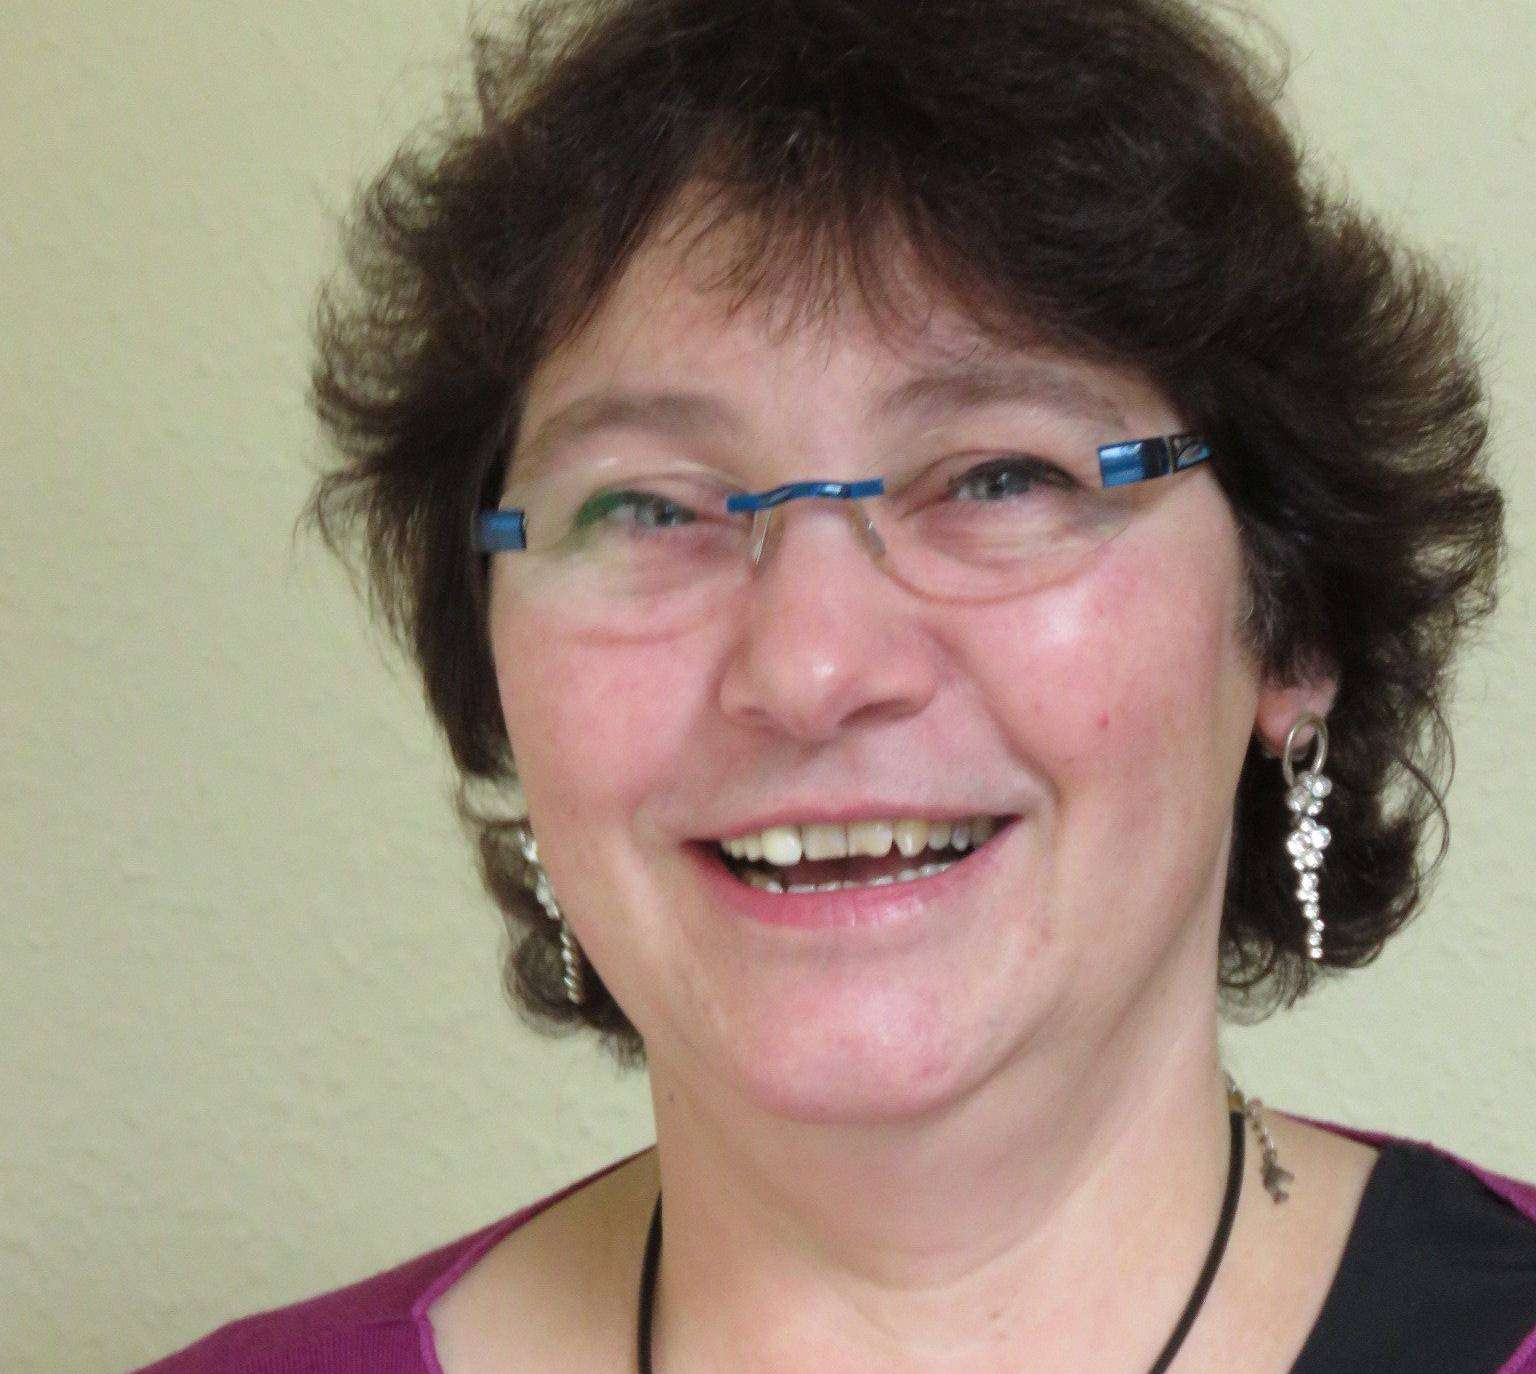 Ottersbergs Gleichstellungsbeauftragte Marlies Meyer würde sich über viele